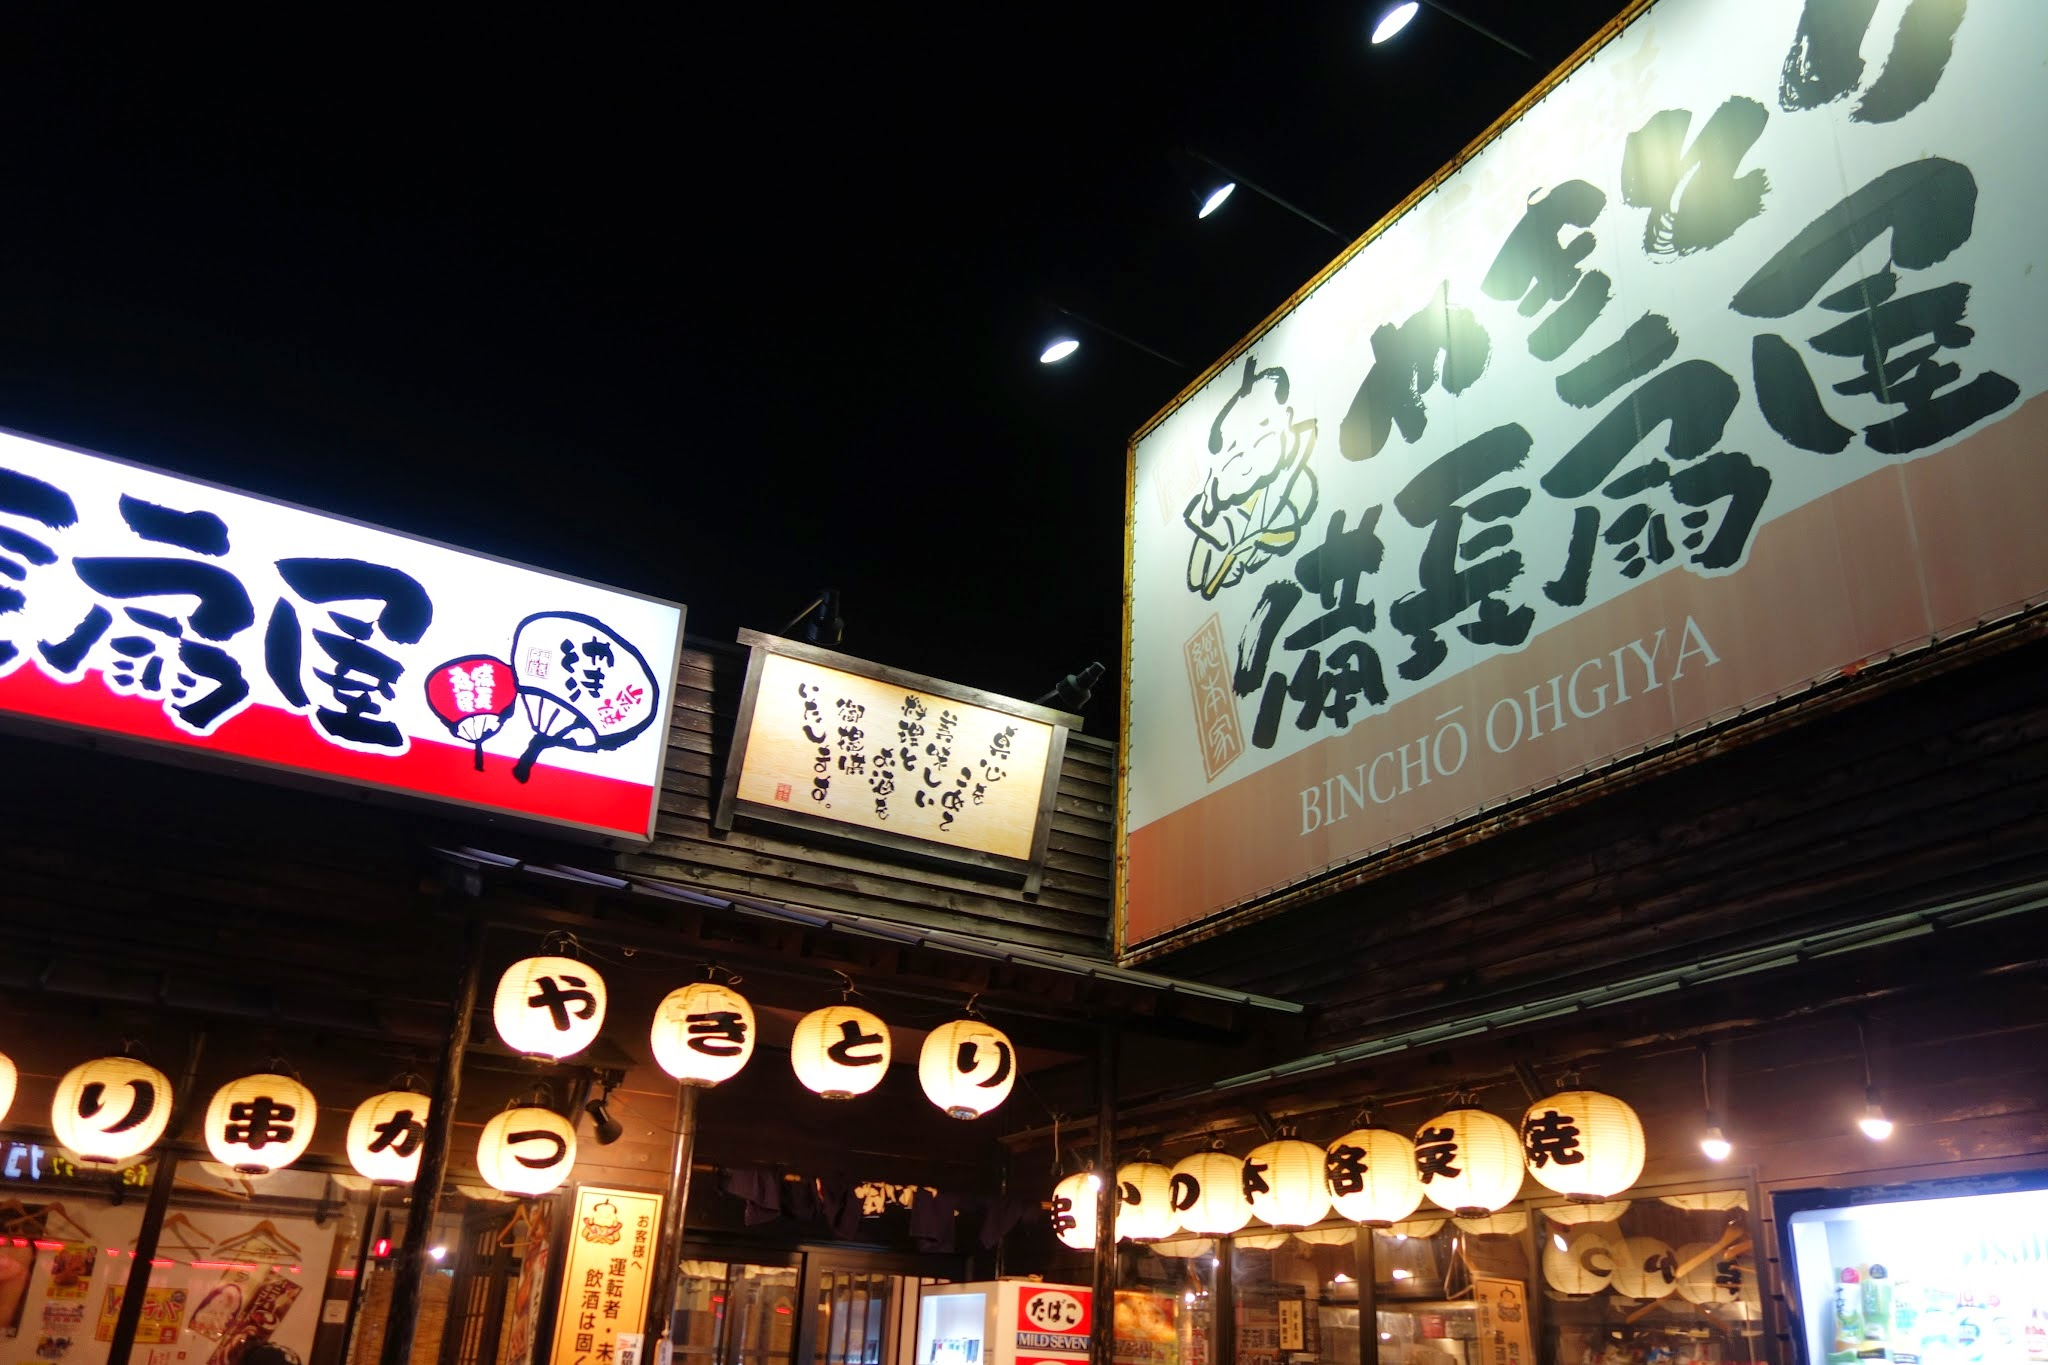 伊川谷の焼鳥屋さん備長扇屋のソフトクリームがヒドイw